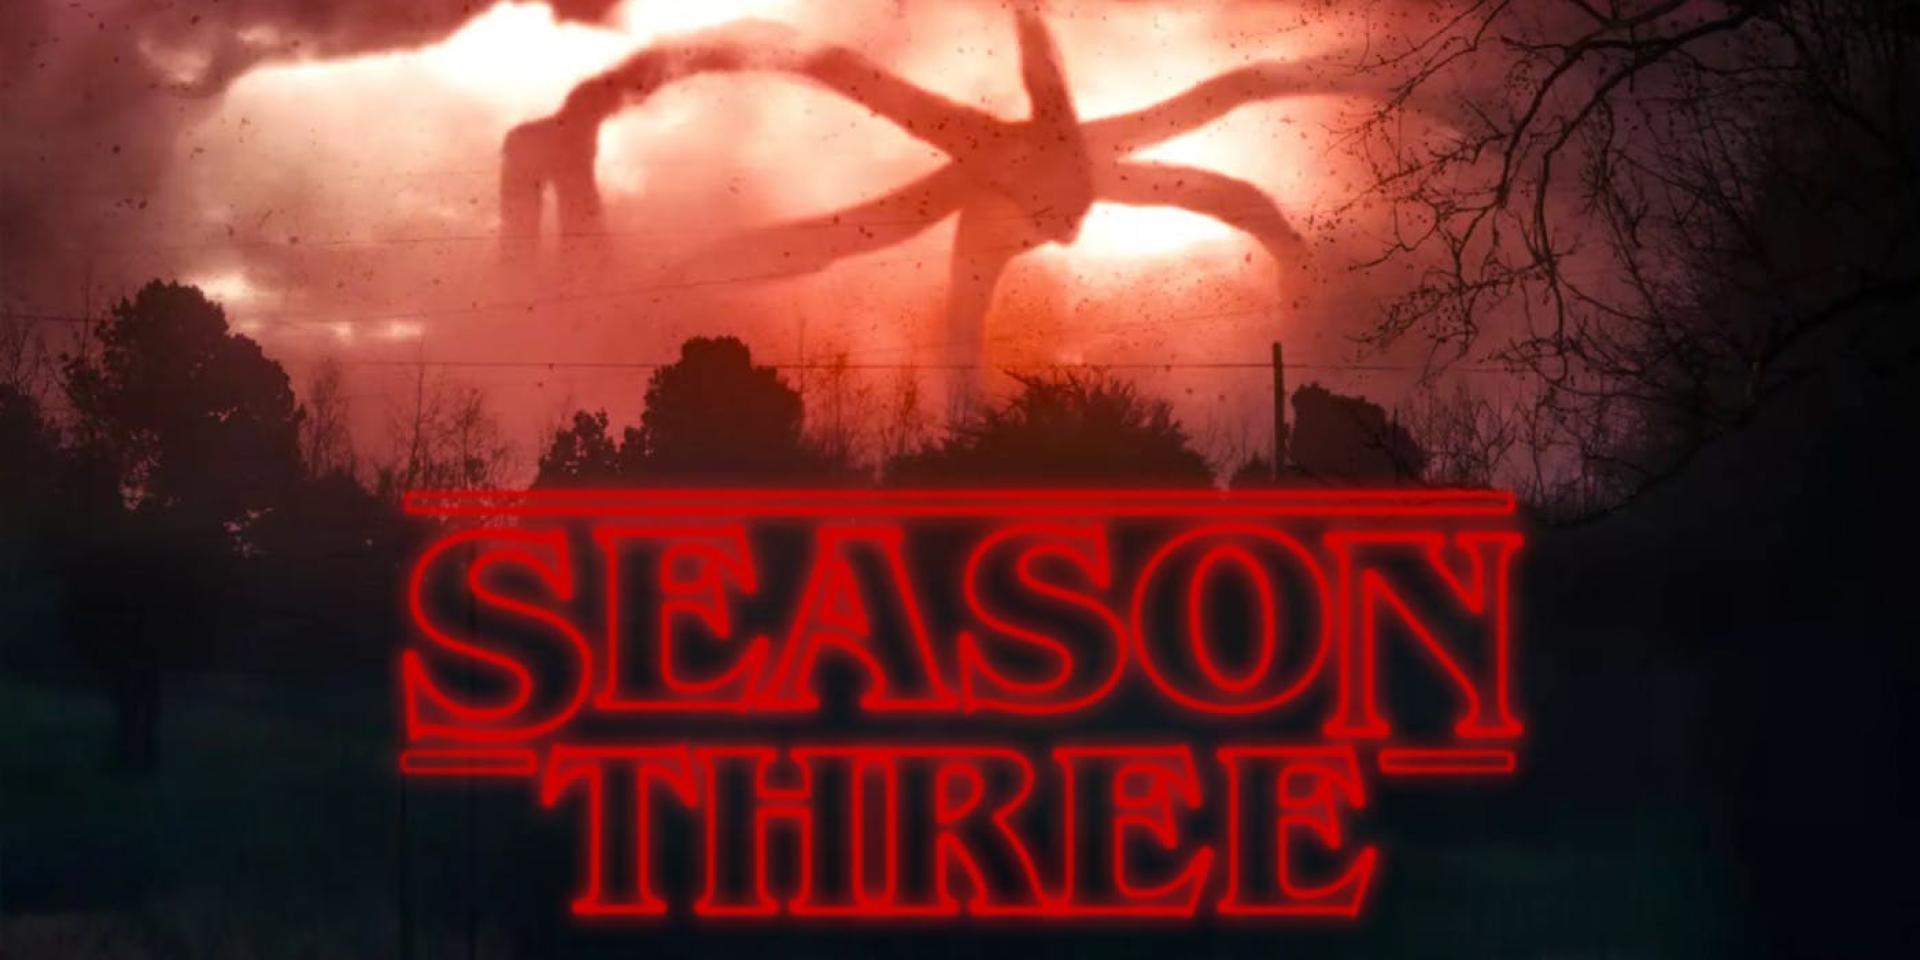 Megkezdődtek a Stranger Things harmadik évadának munkálatai